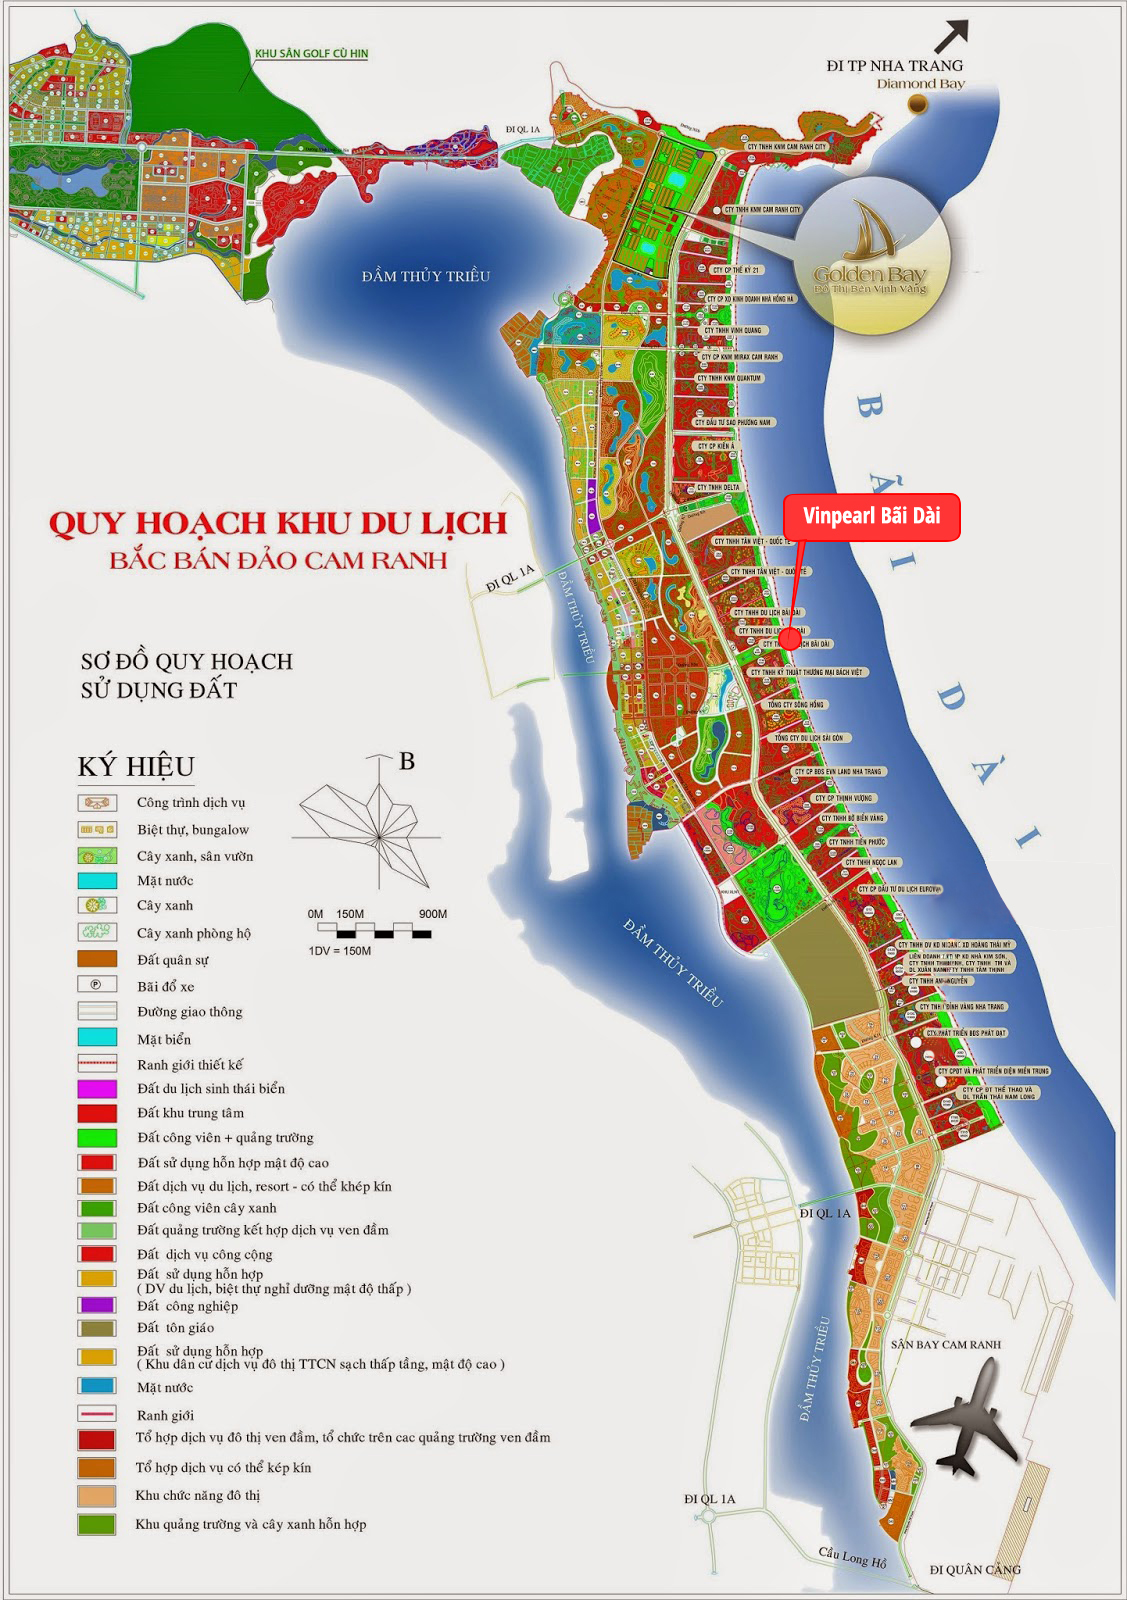 Chính sách bán hàng dự án Vinpearl Bãi Dài Cam Ranh